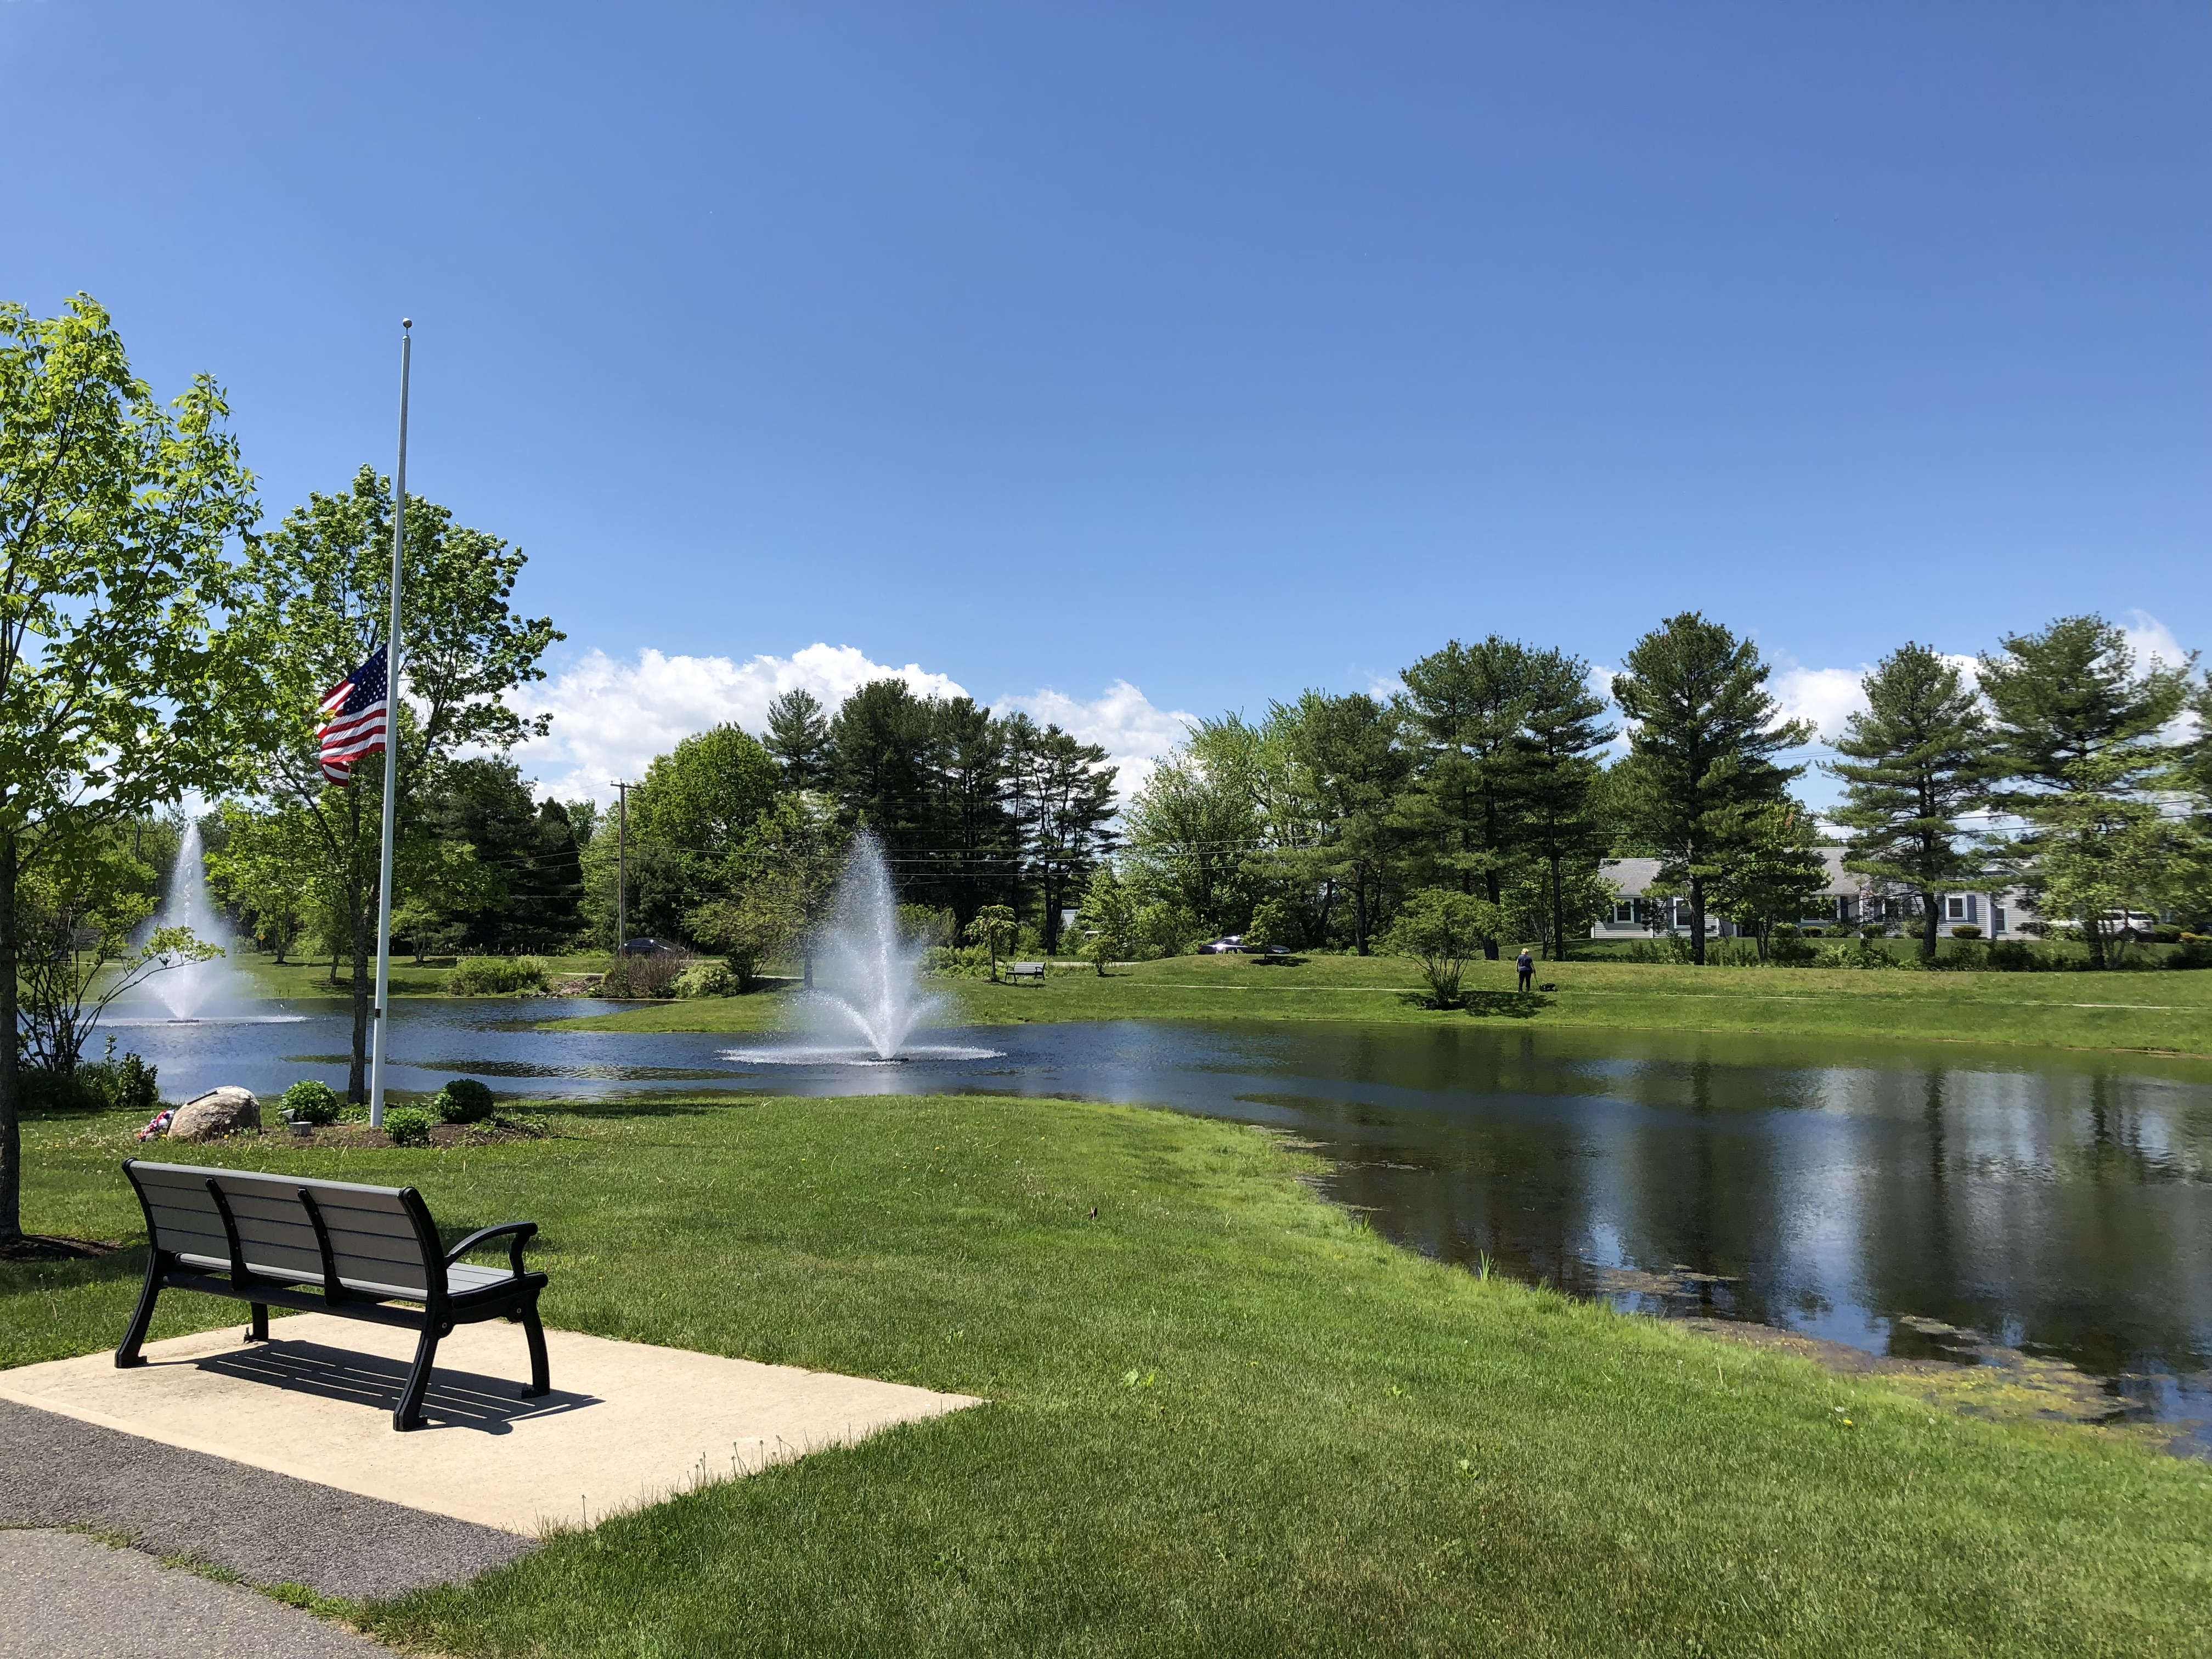 Scarborough's Memorial Park